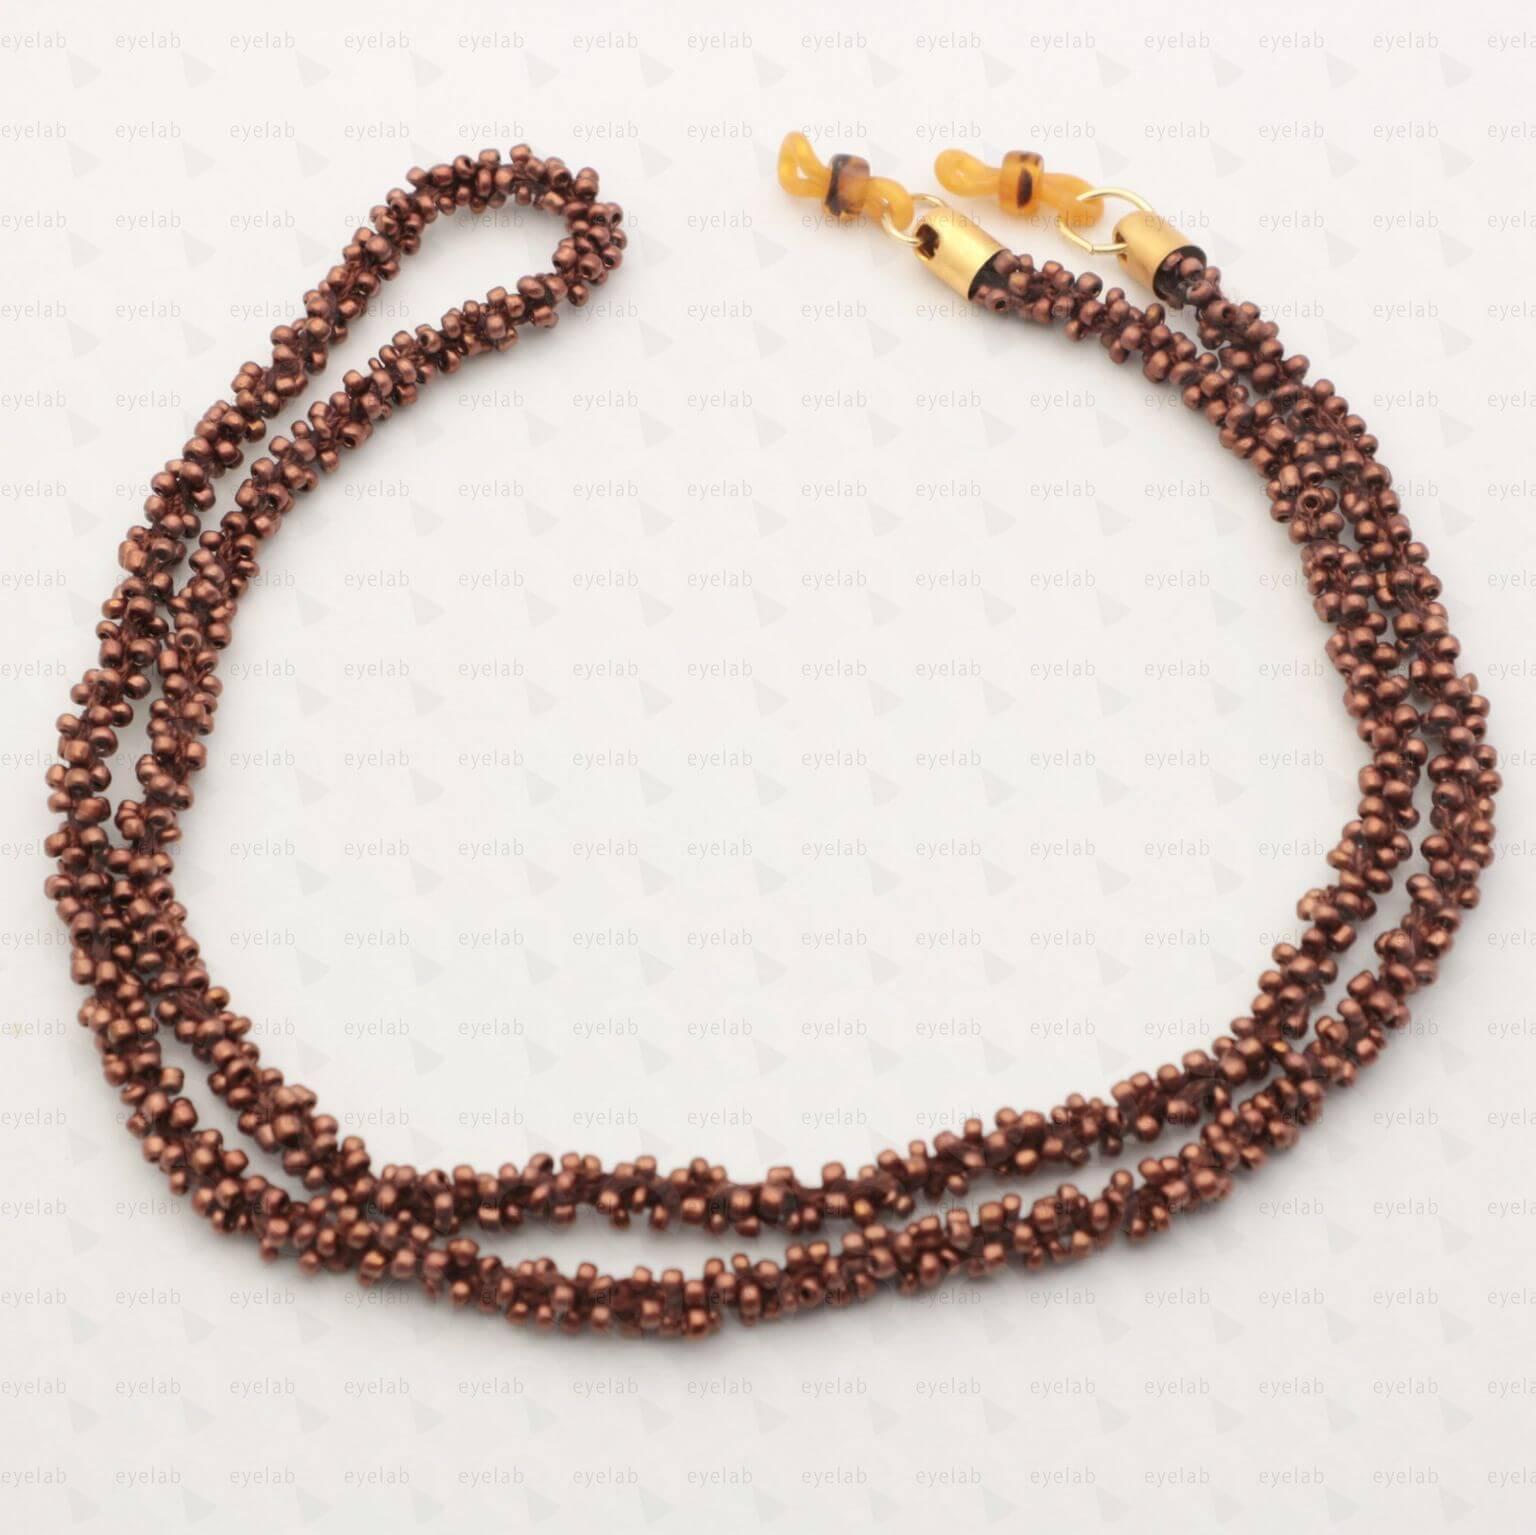 Κορδόνι για γυαλιά με χάντρες σε καφέ χρώμα 3ed63676b2e